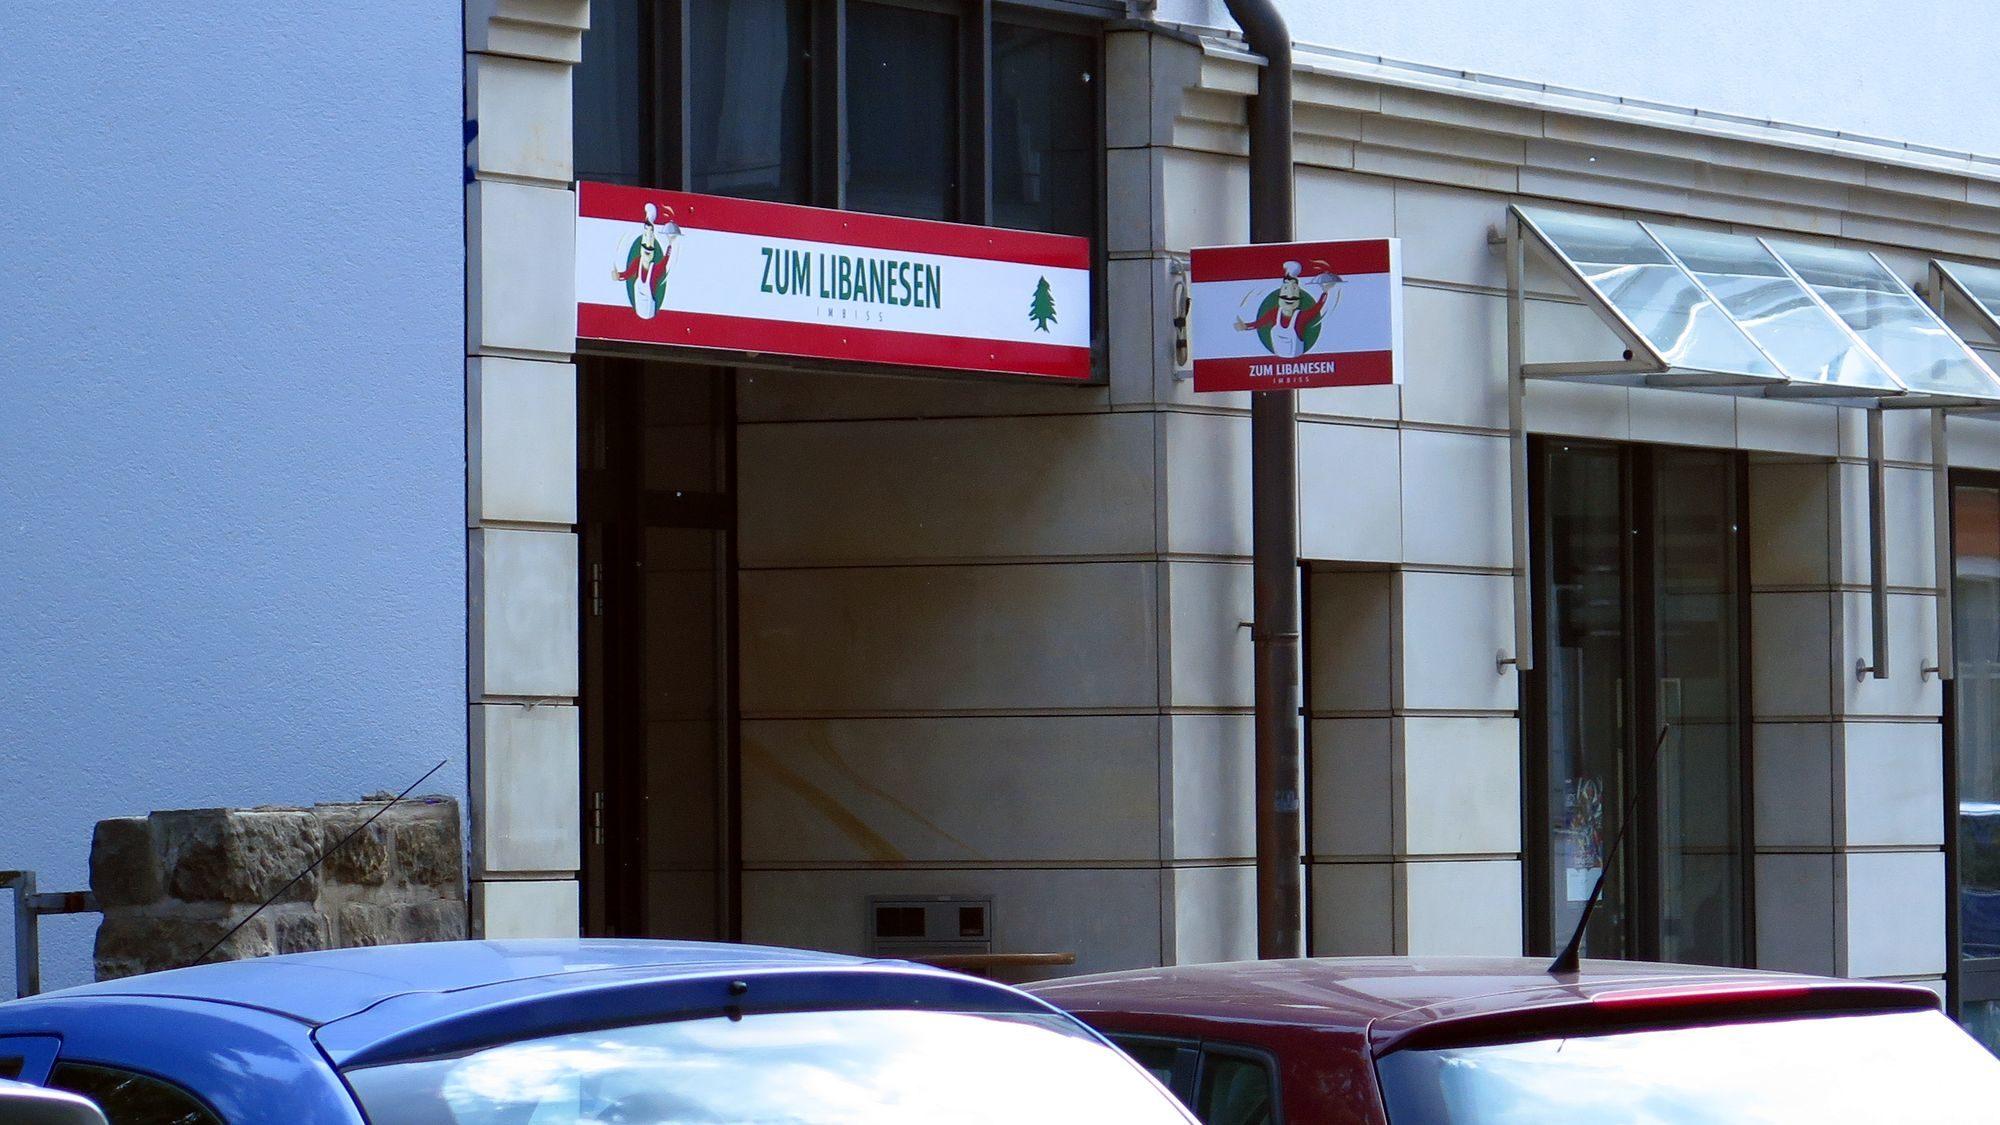 Zum Libanesen - neu auf der Tieckstraße